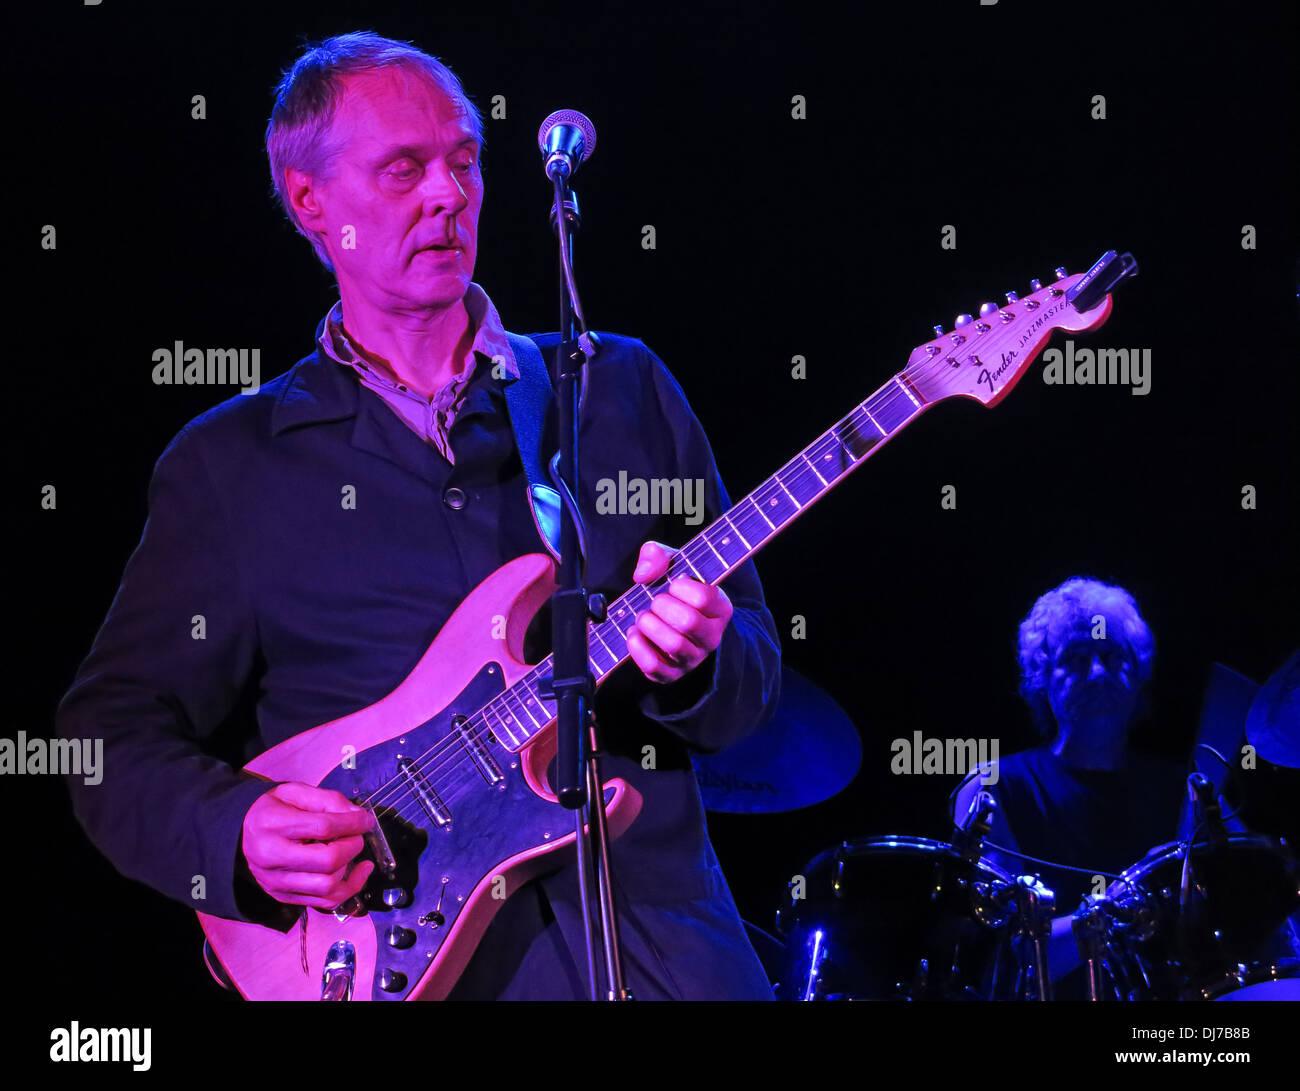 Laden Sie dieses Alamy Stockfoto Tom Verlaine aus New York basierte Fernsehen, live an der Manchester Academy 17. November 2013 - DJ7B8B